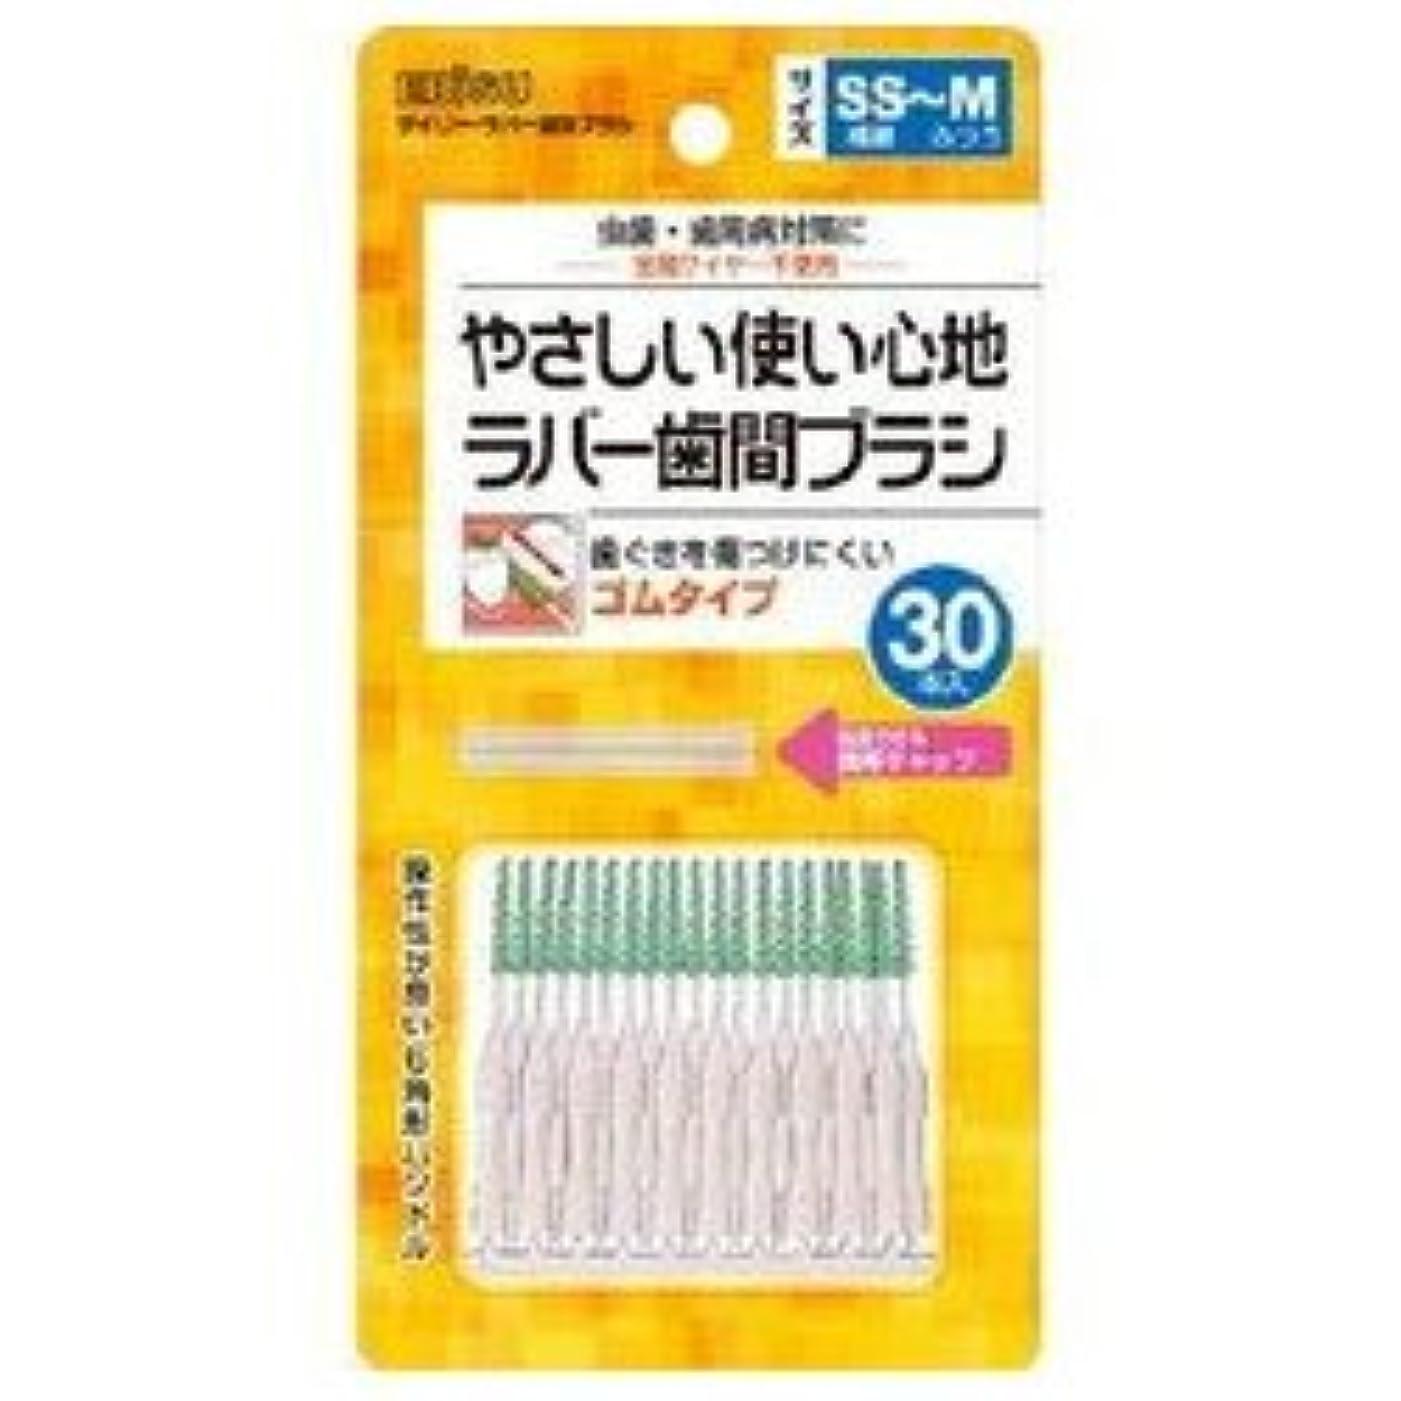 みなす広告主ジェスチャー【エビス】デイリーラバー 歯間ブラシ SS~M 30本入 ×5個セット